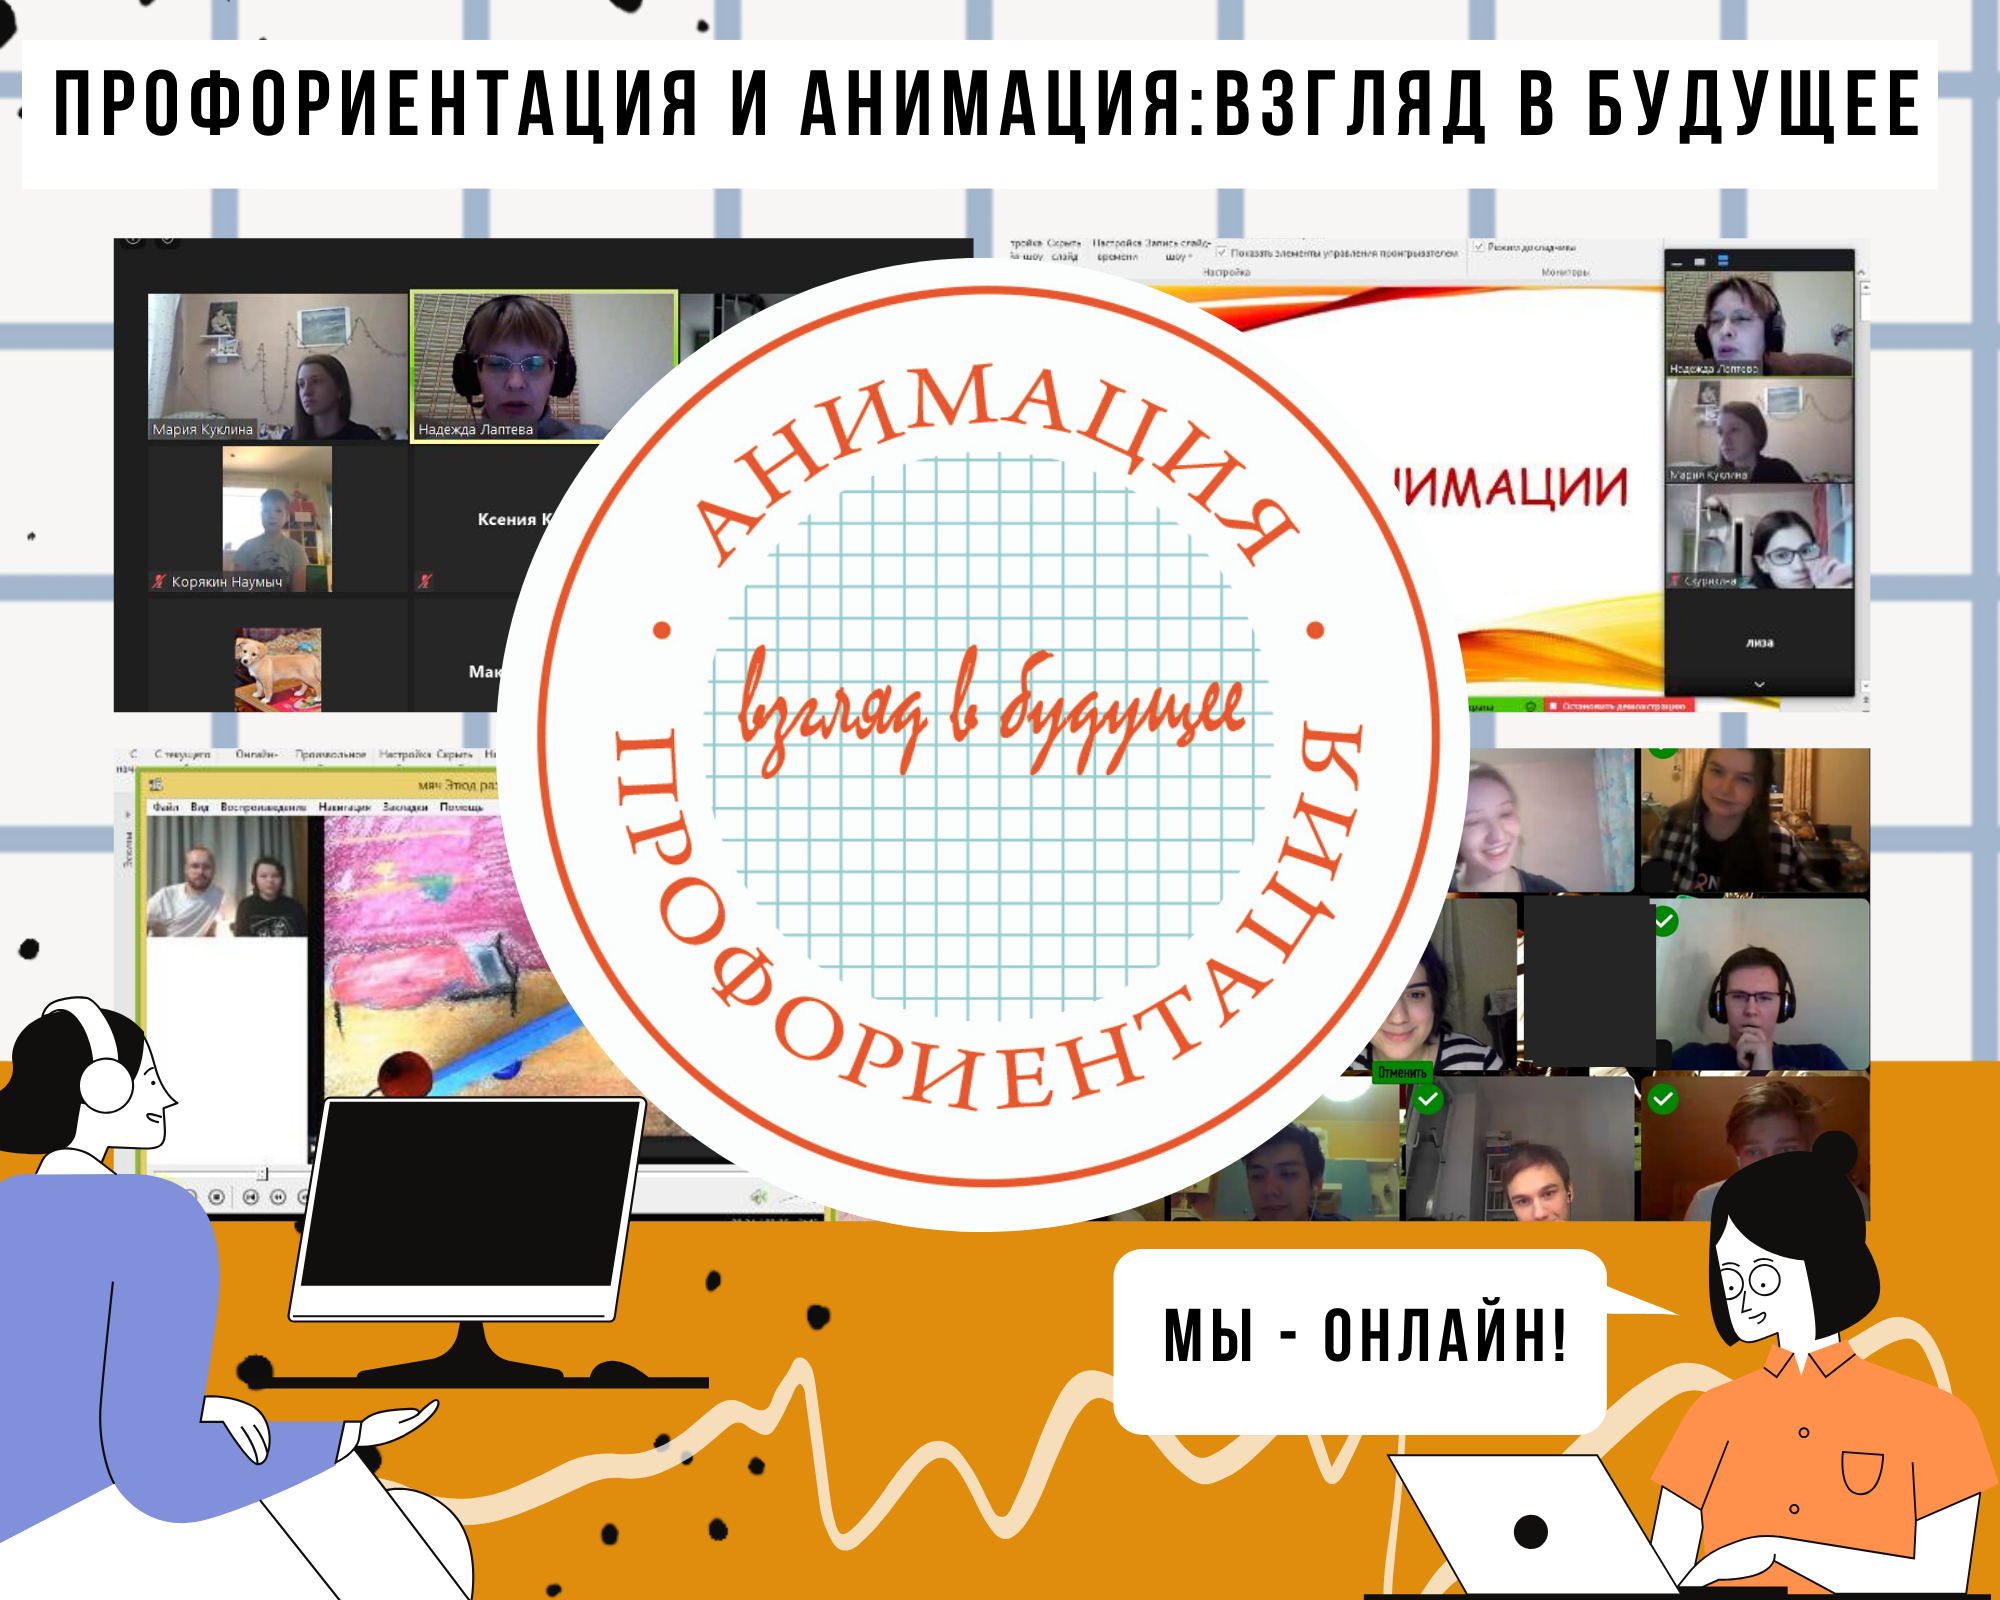 Проект «Профориентация и анимация: взгляд в будущее» продолжает работу в онлайн-режиме